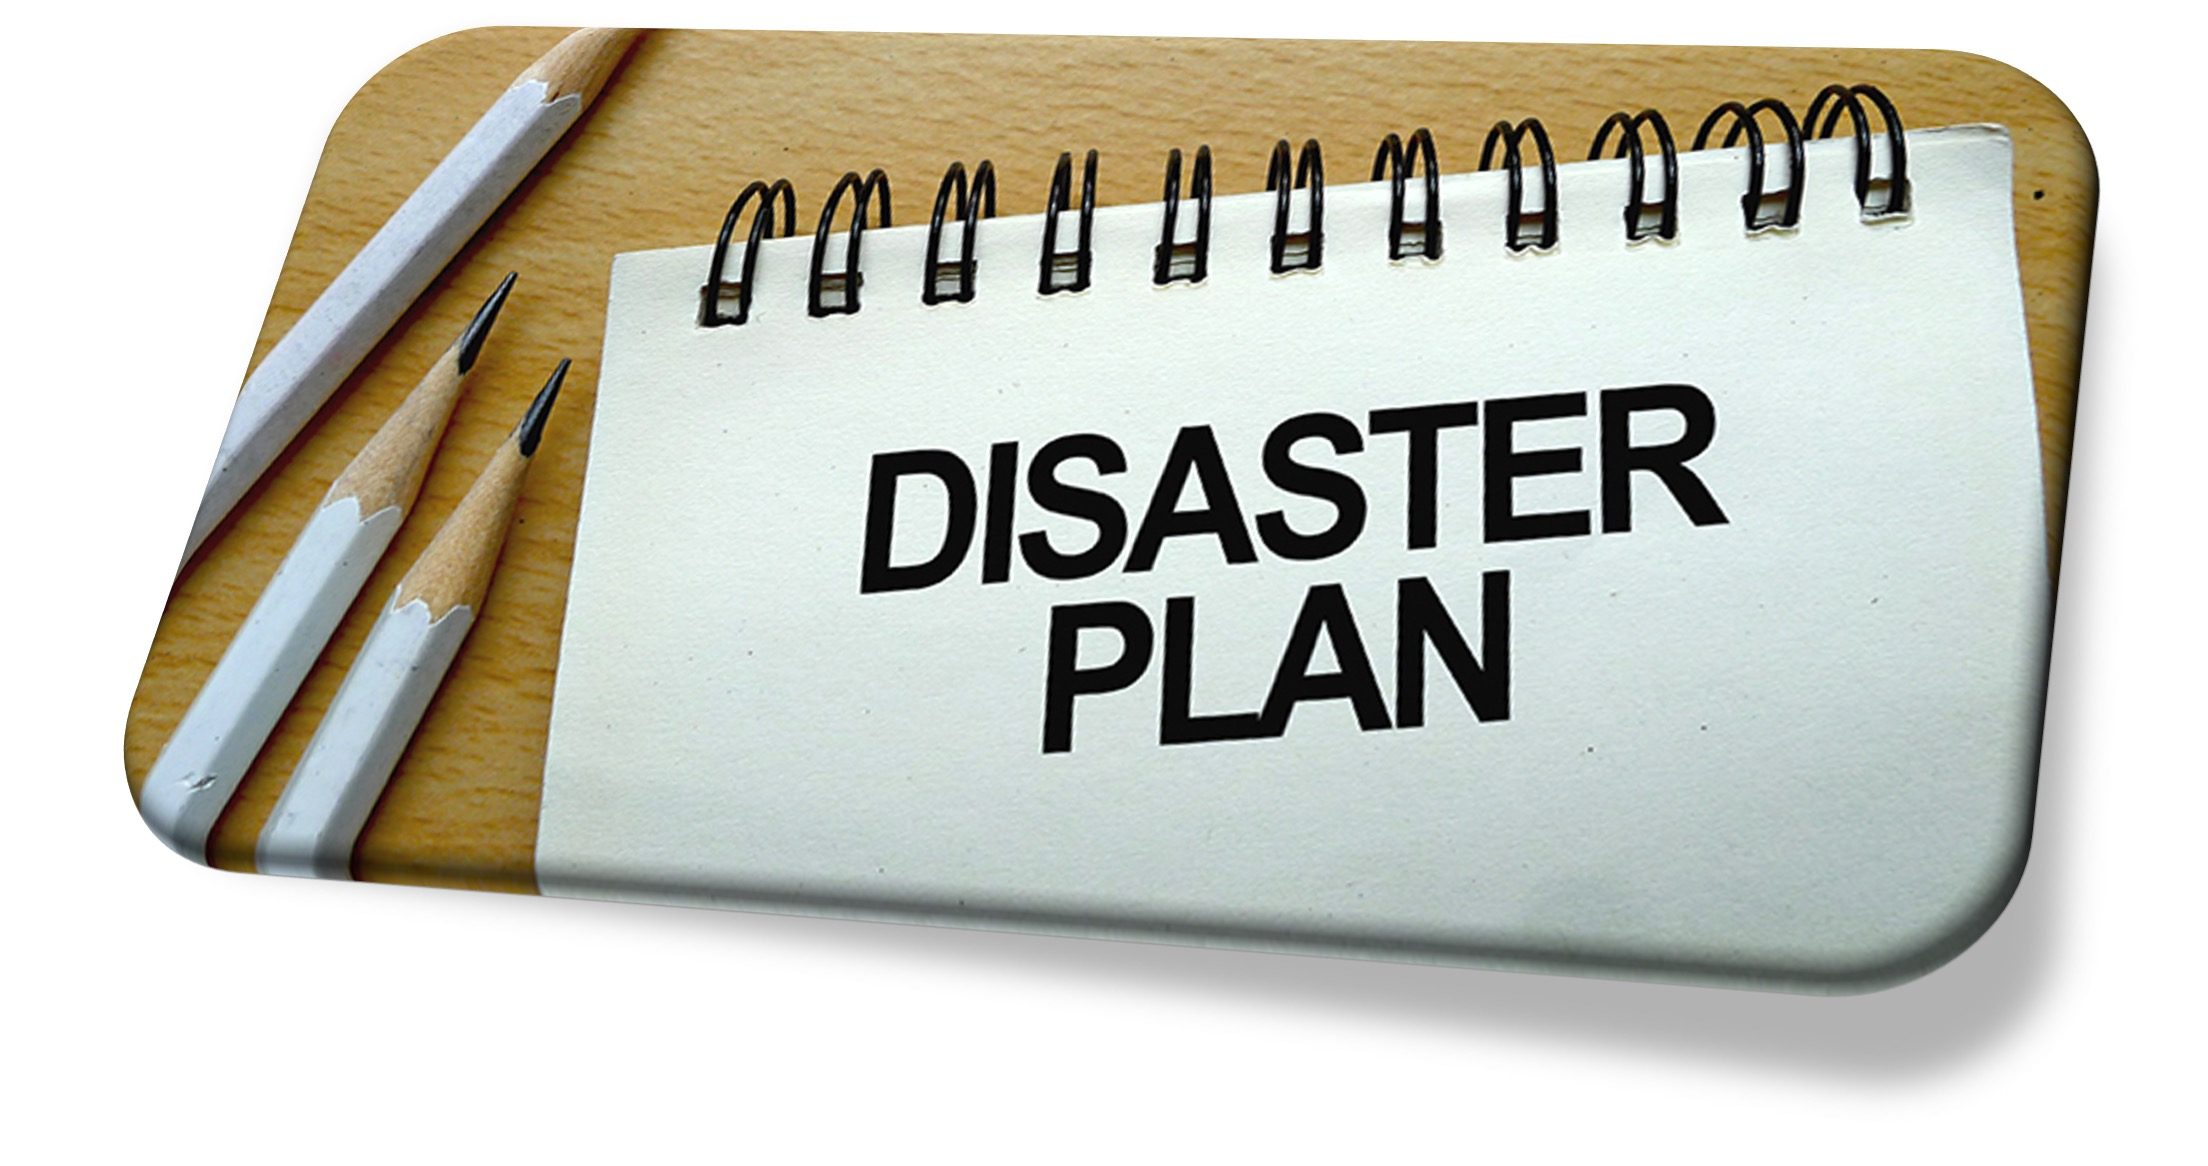 Disaster Plan